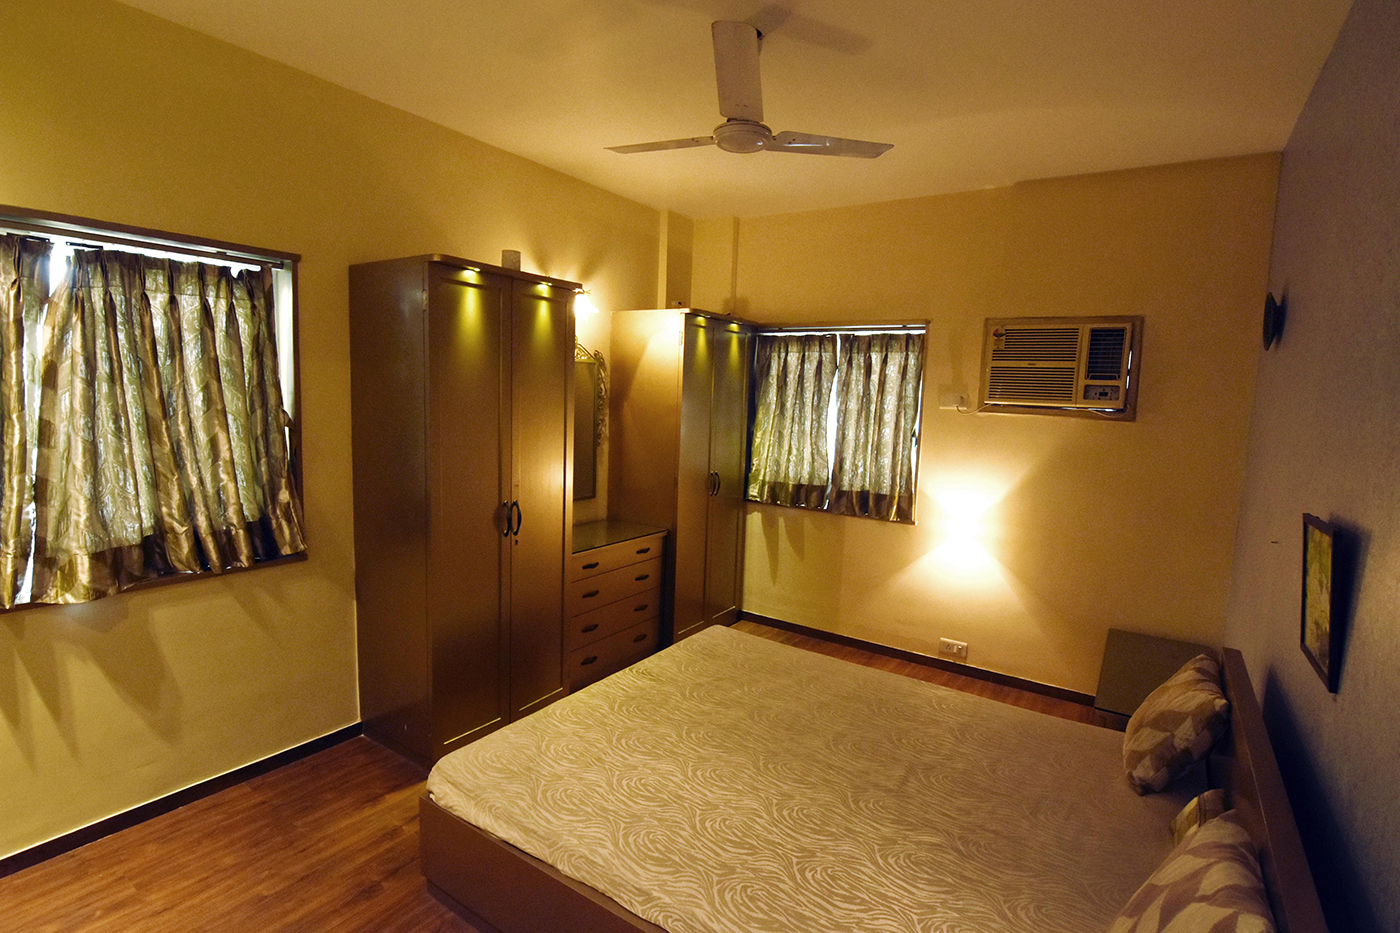 Interior : Actual Image